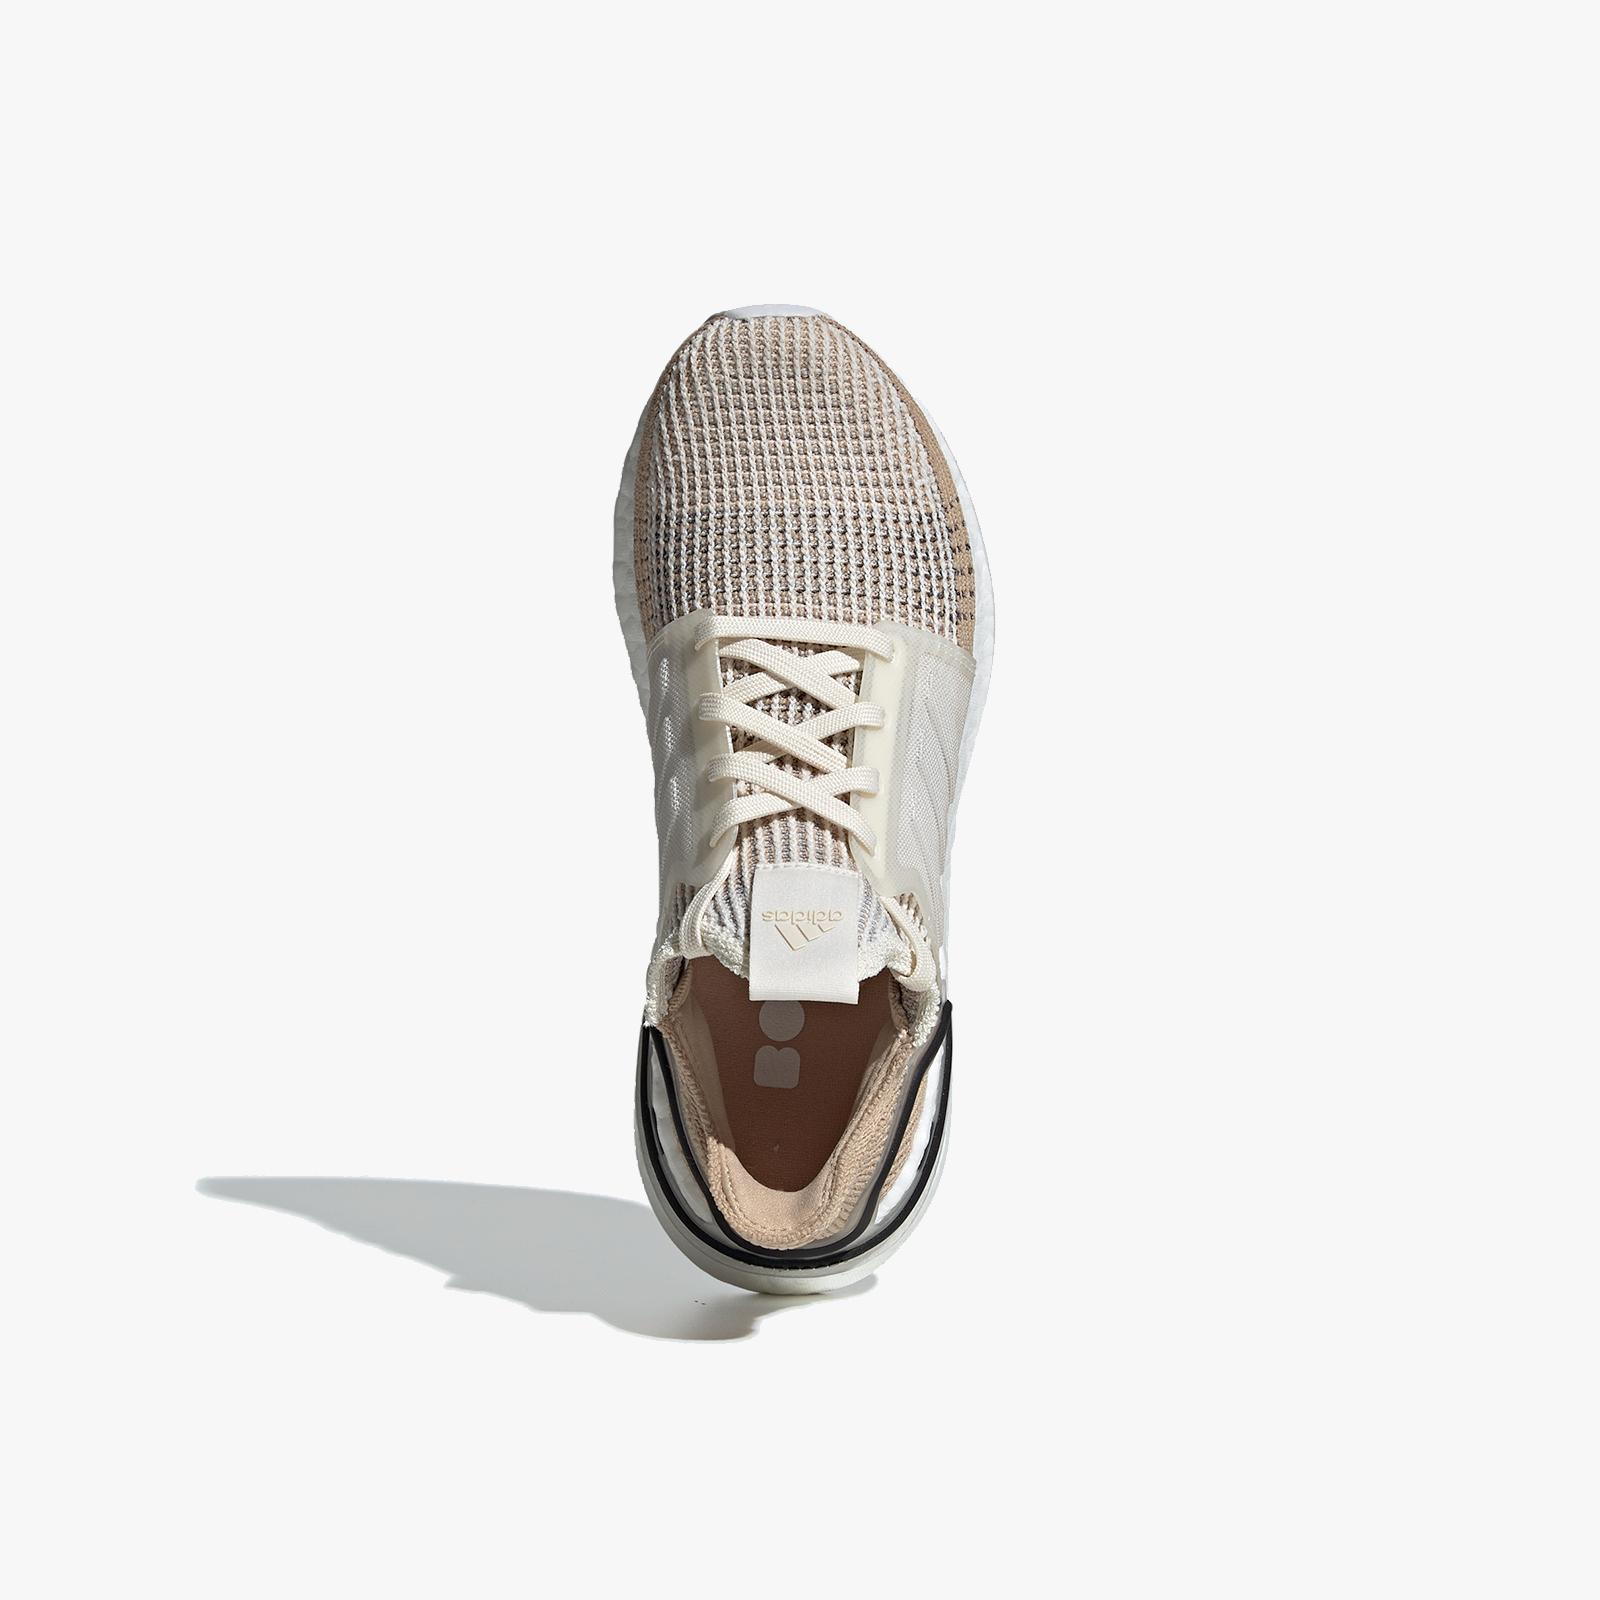 e3741c1bc51 adidas Ultraboost 19 W - B75878 - Sneakersnstuff